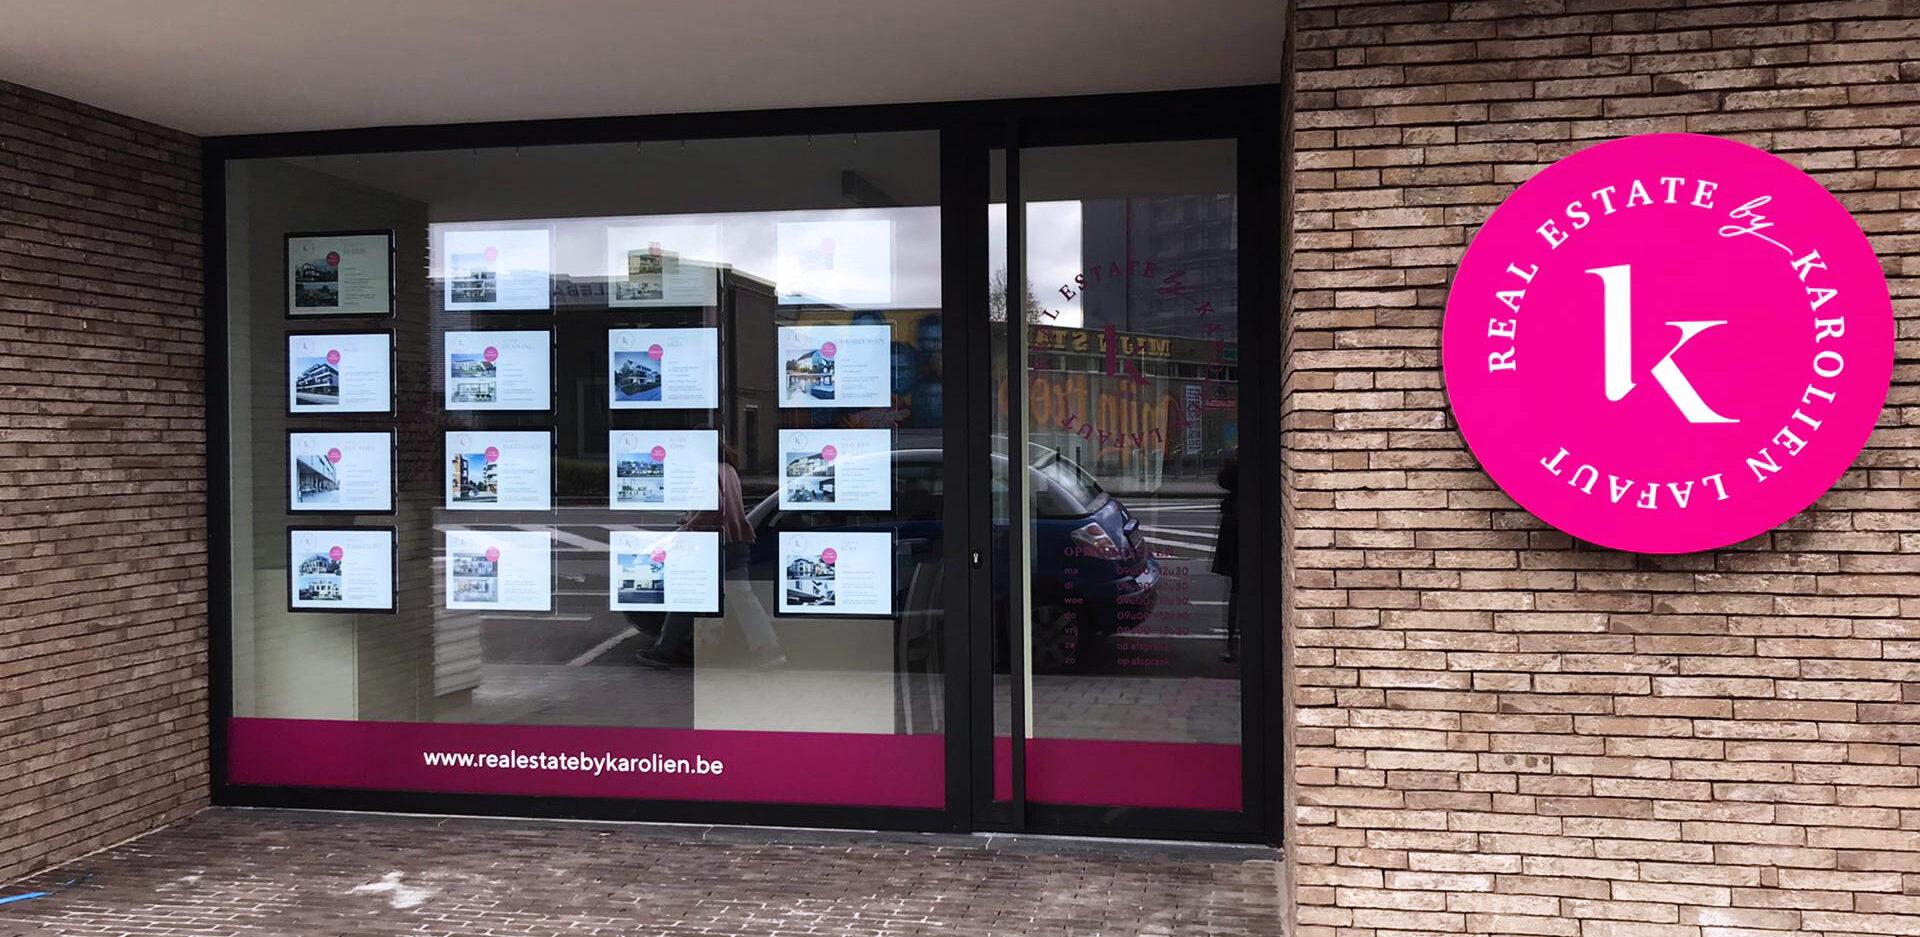 Roeselare kantoor Real Estate etalage